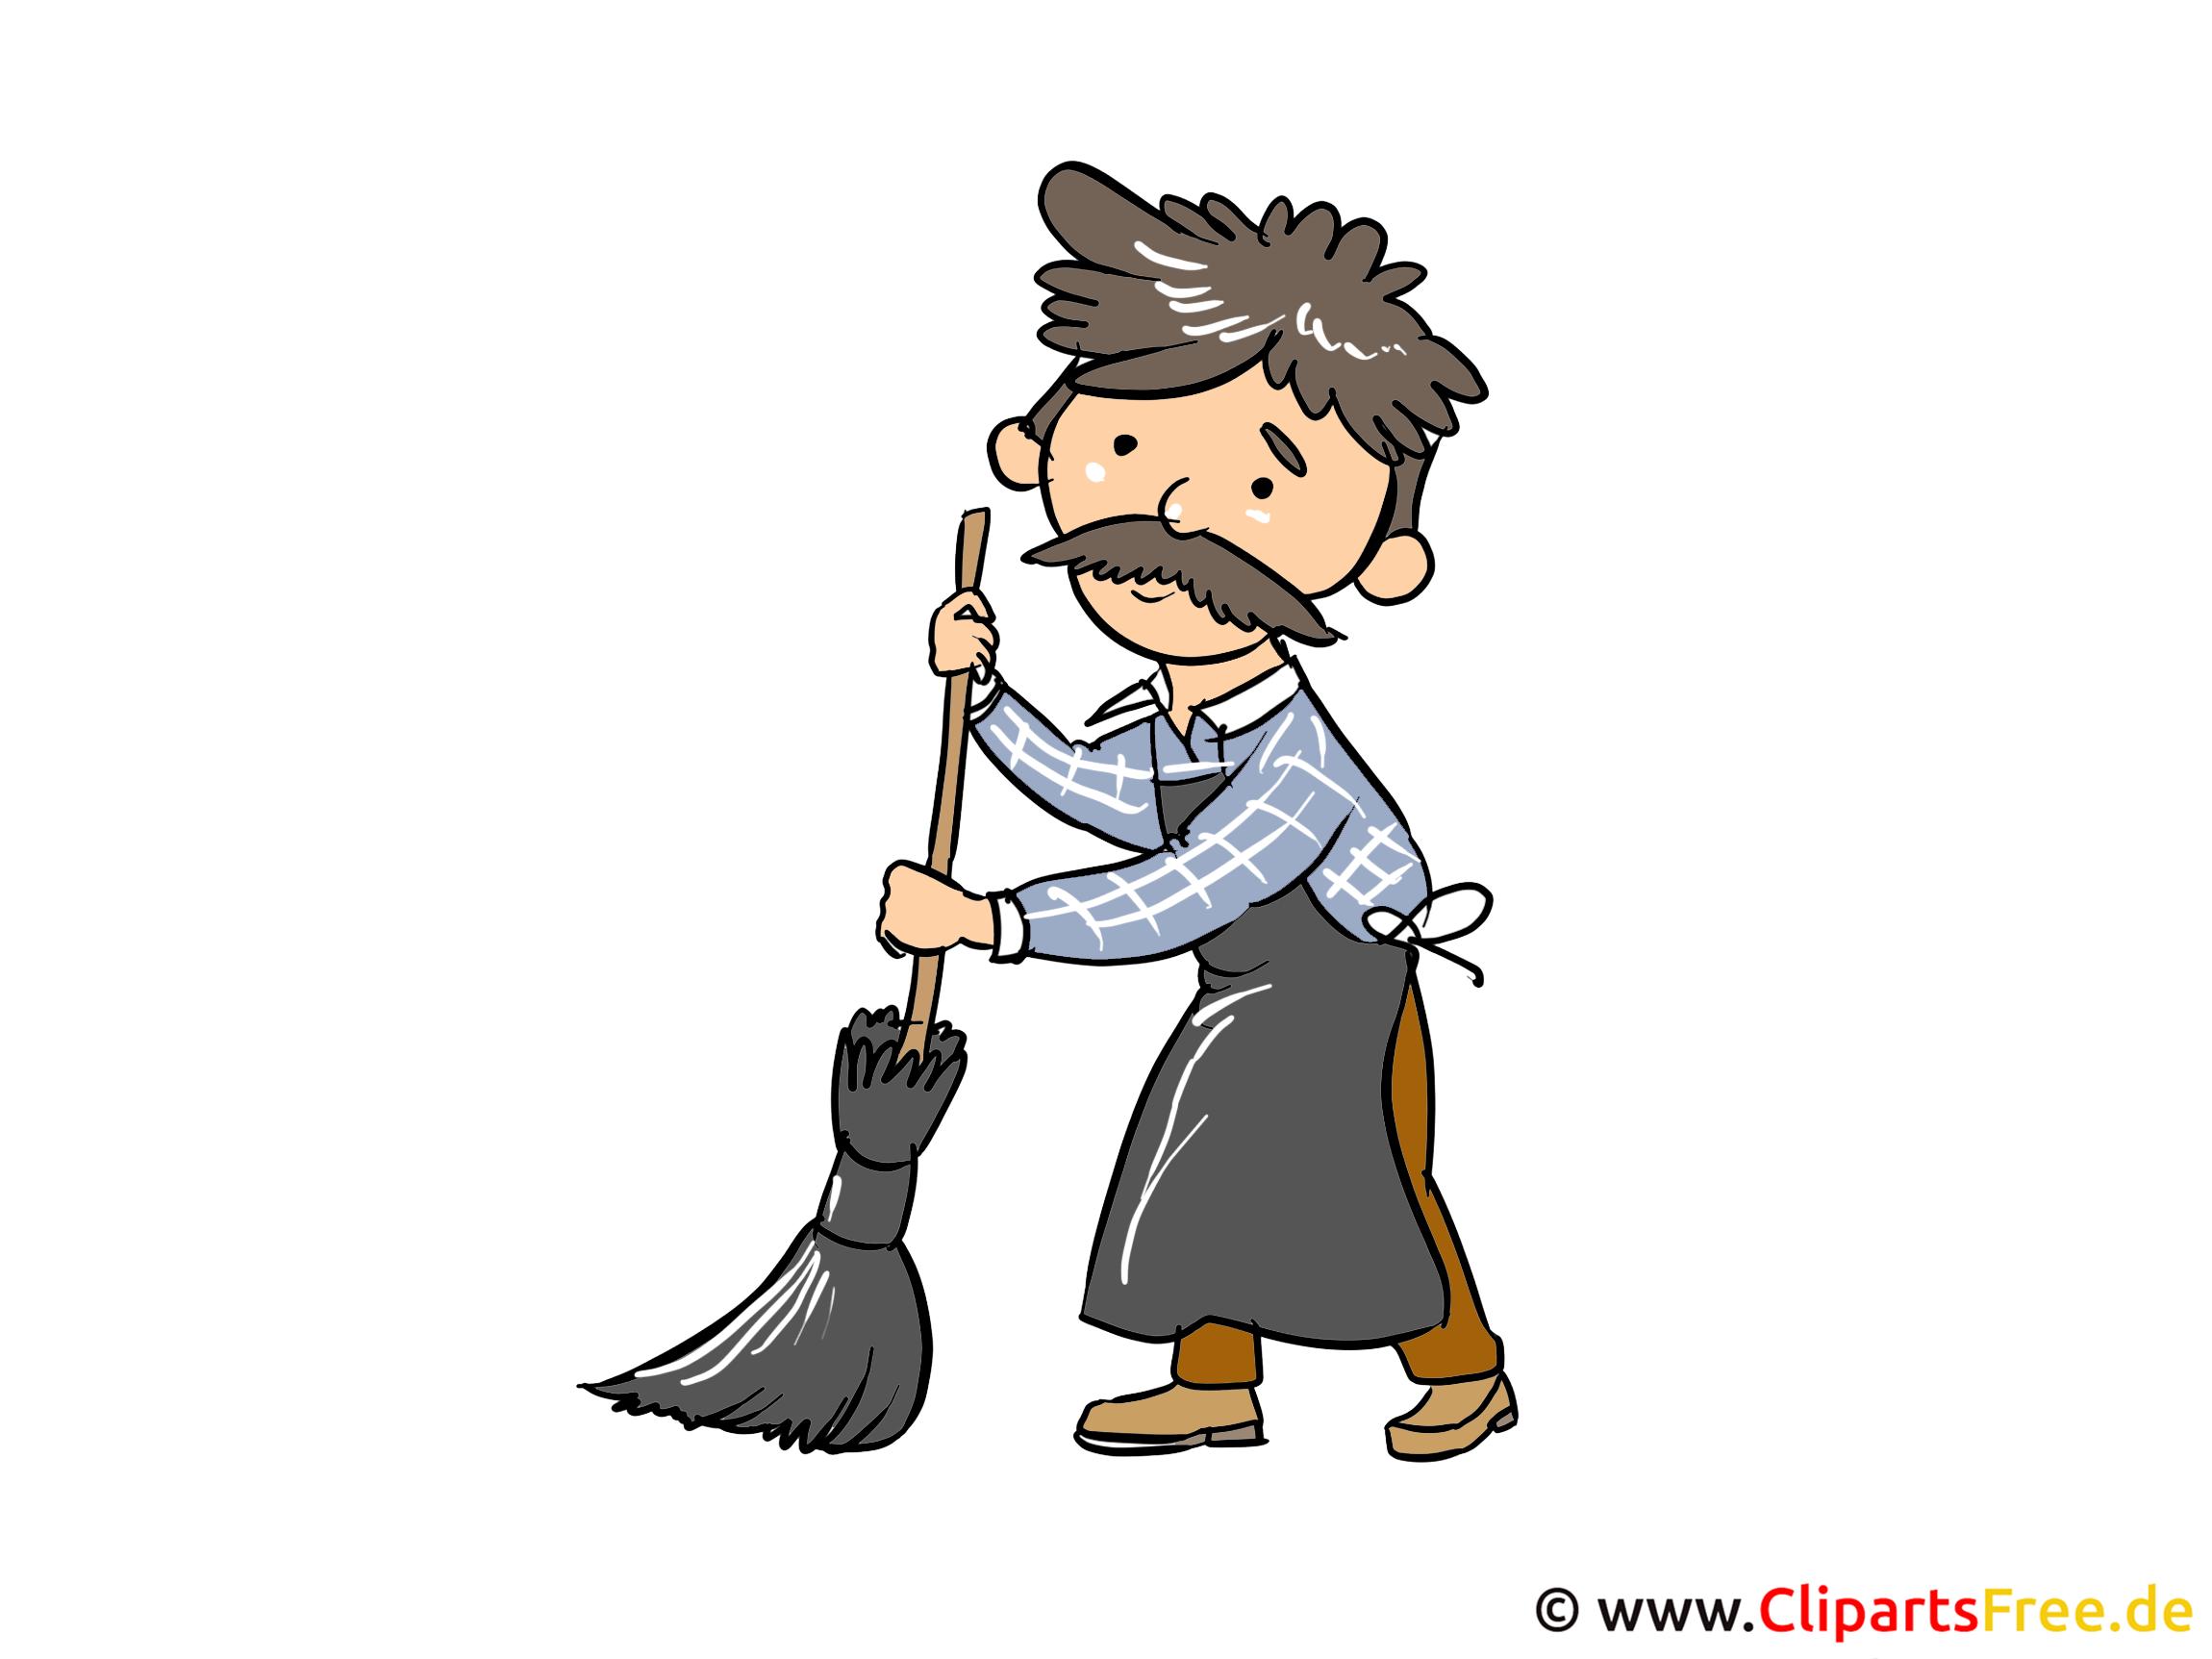 Hausmeister, Strassenfeger Clipart, Bild,  Cartoon gratis